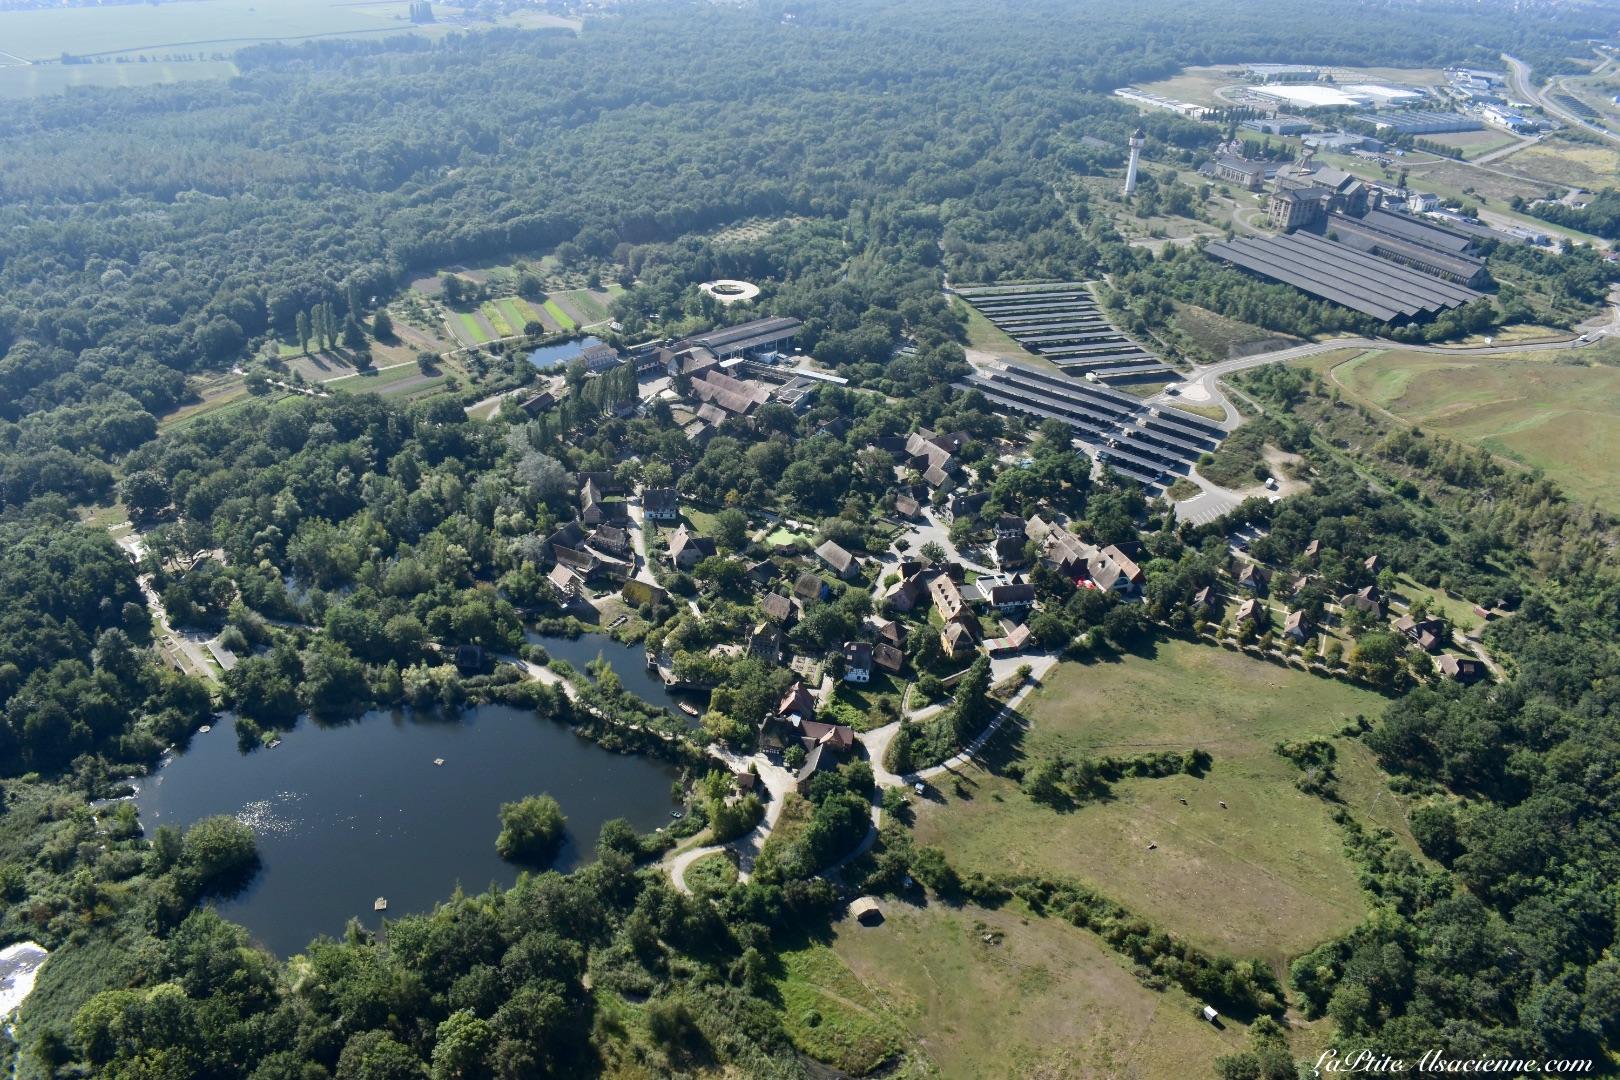 l'Ecomusée d'Alsace à Ungersheim vu du ciel par Cendrine Miesch dite LaPtiteAlsacienne